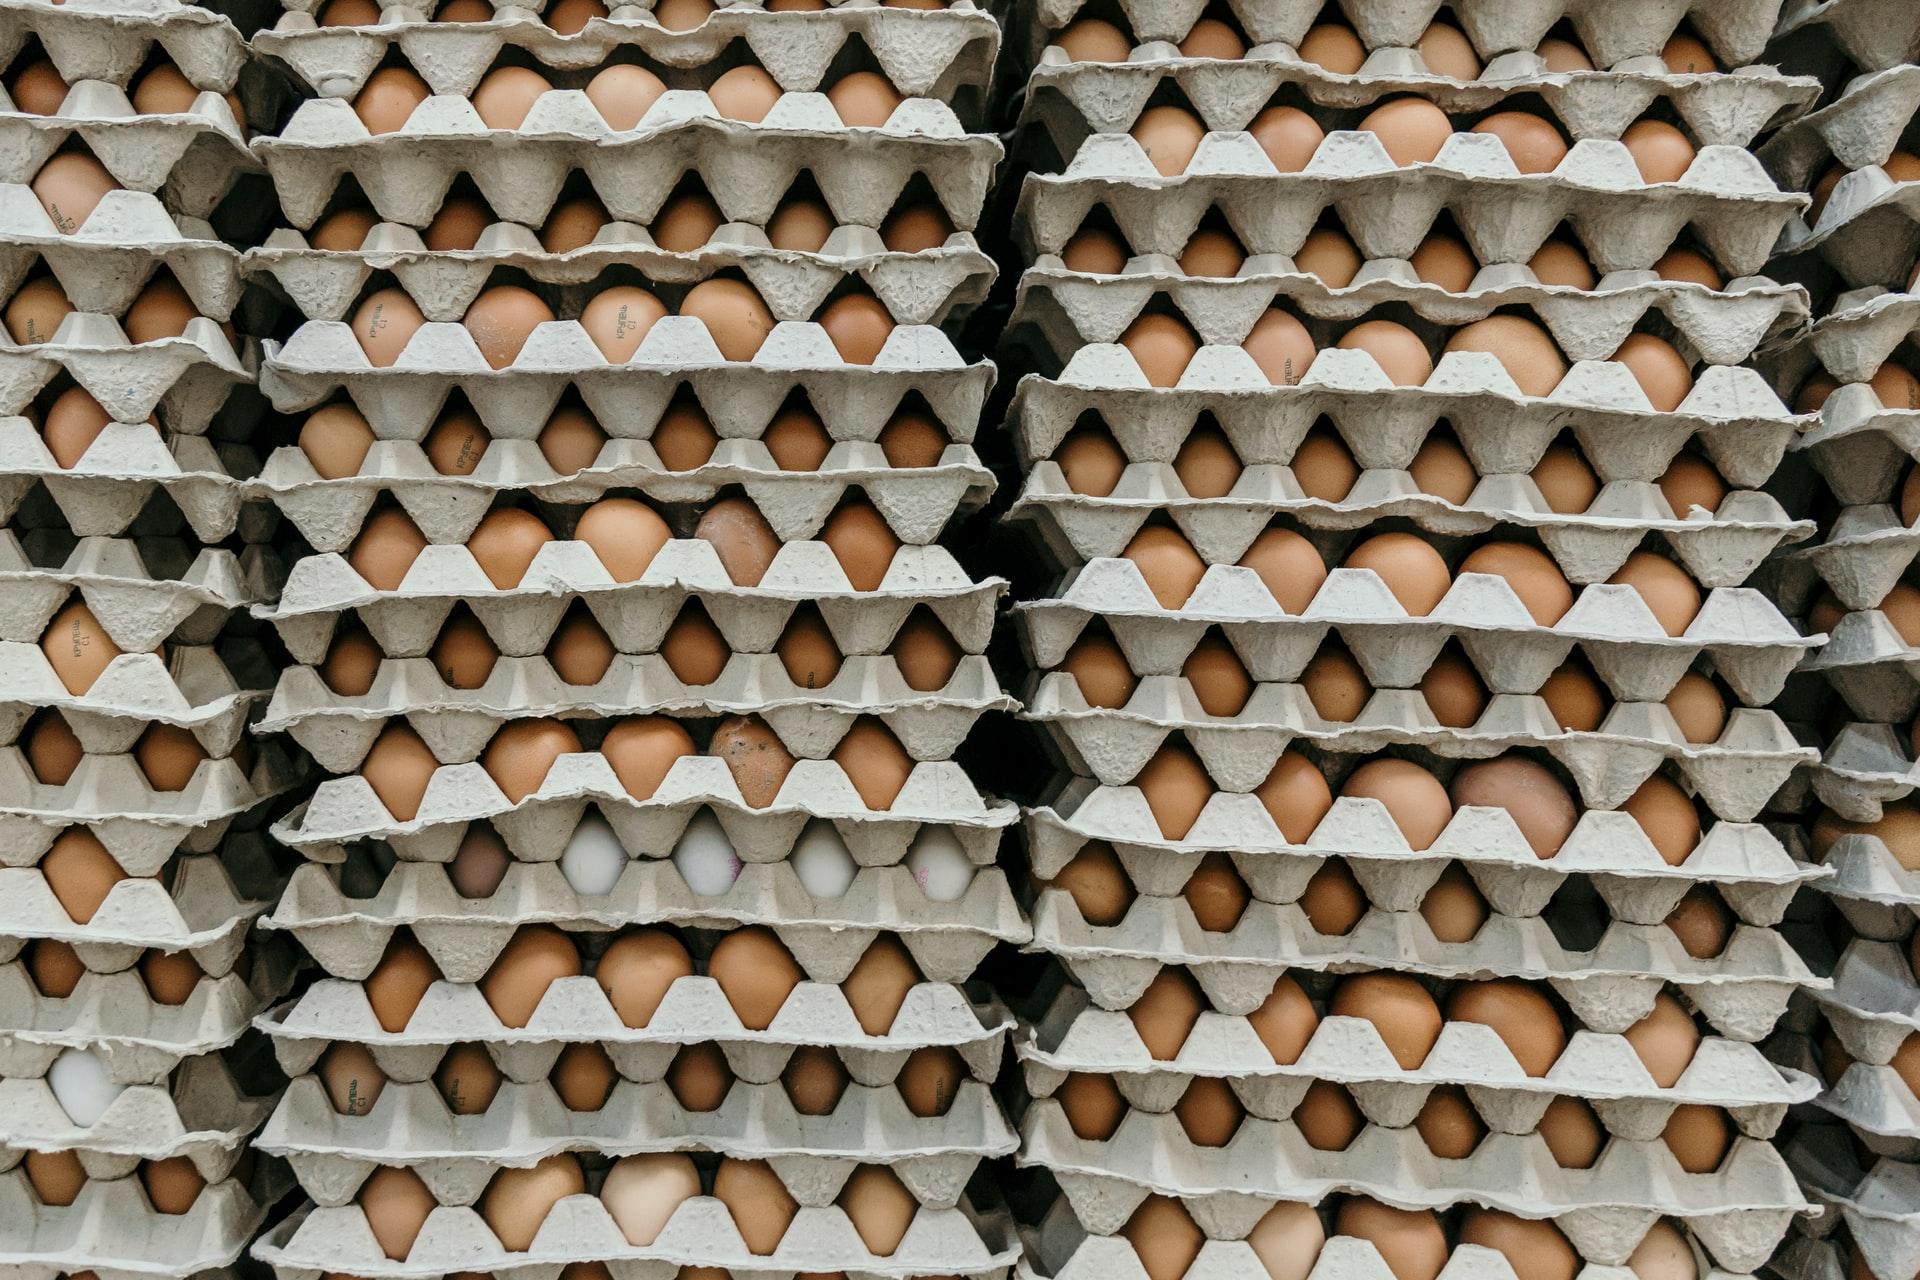 Plata na vejce i ruličky od toaleťáku. Obojí už patří do modré popelnice